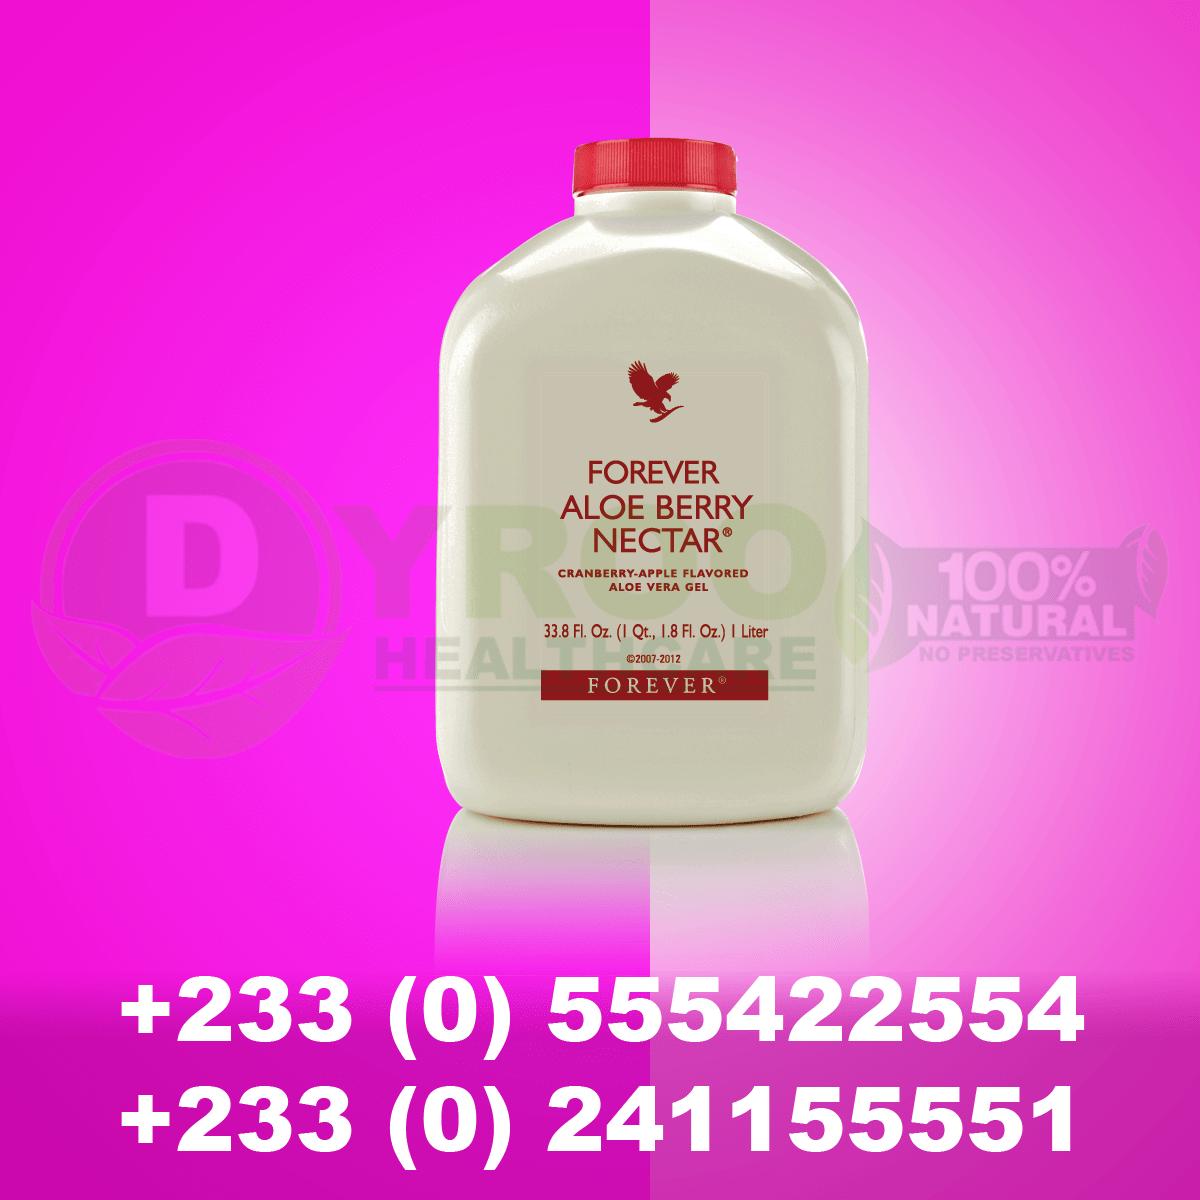 Aloe Berry Nectar Product